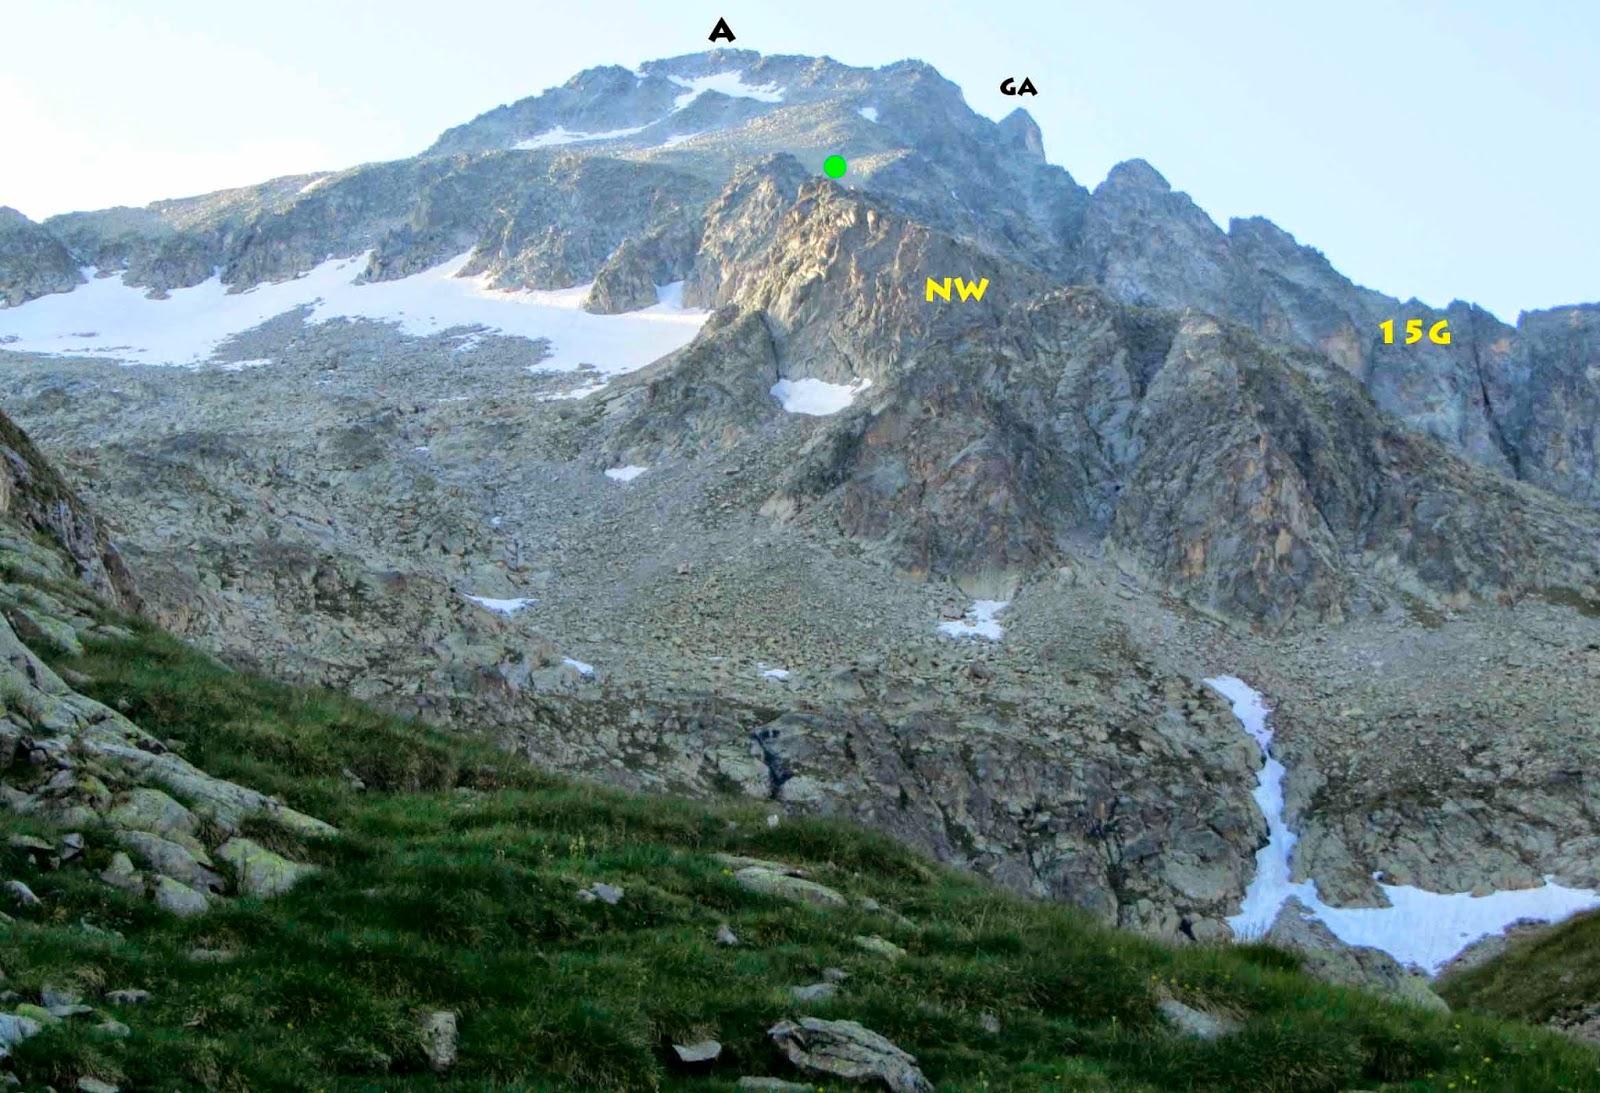 Elrefugioalpino pico de alba 3118 m desde los ba os de - Banos de benasque ...